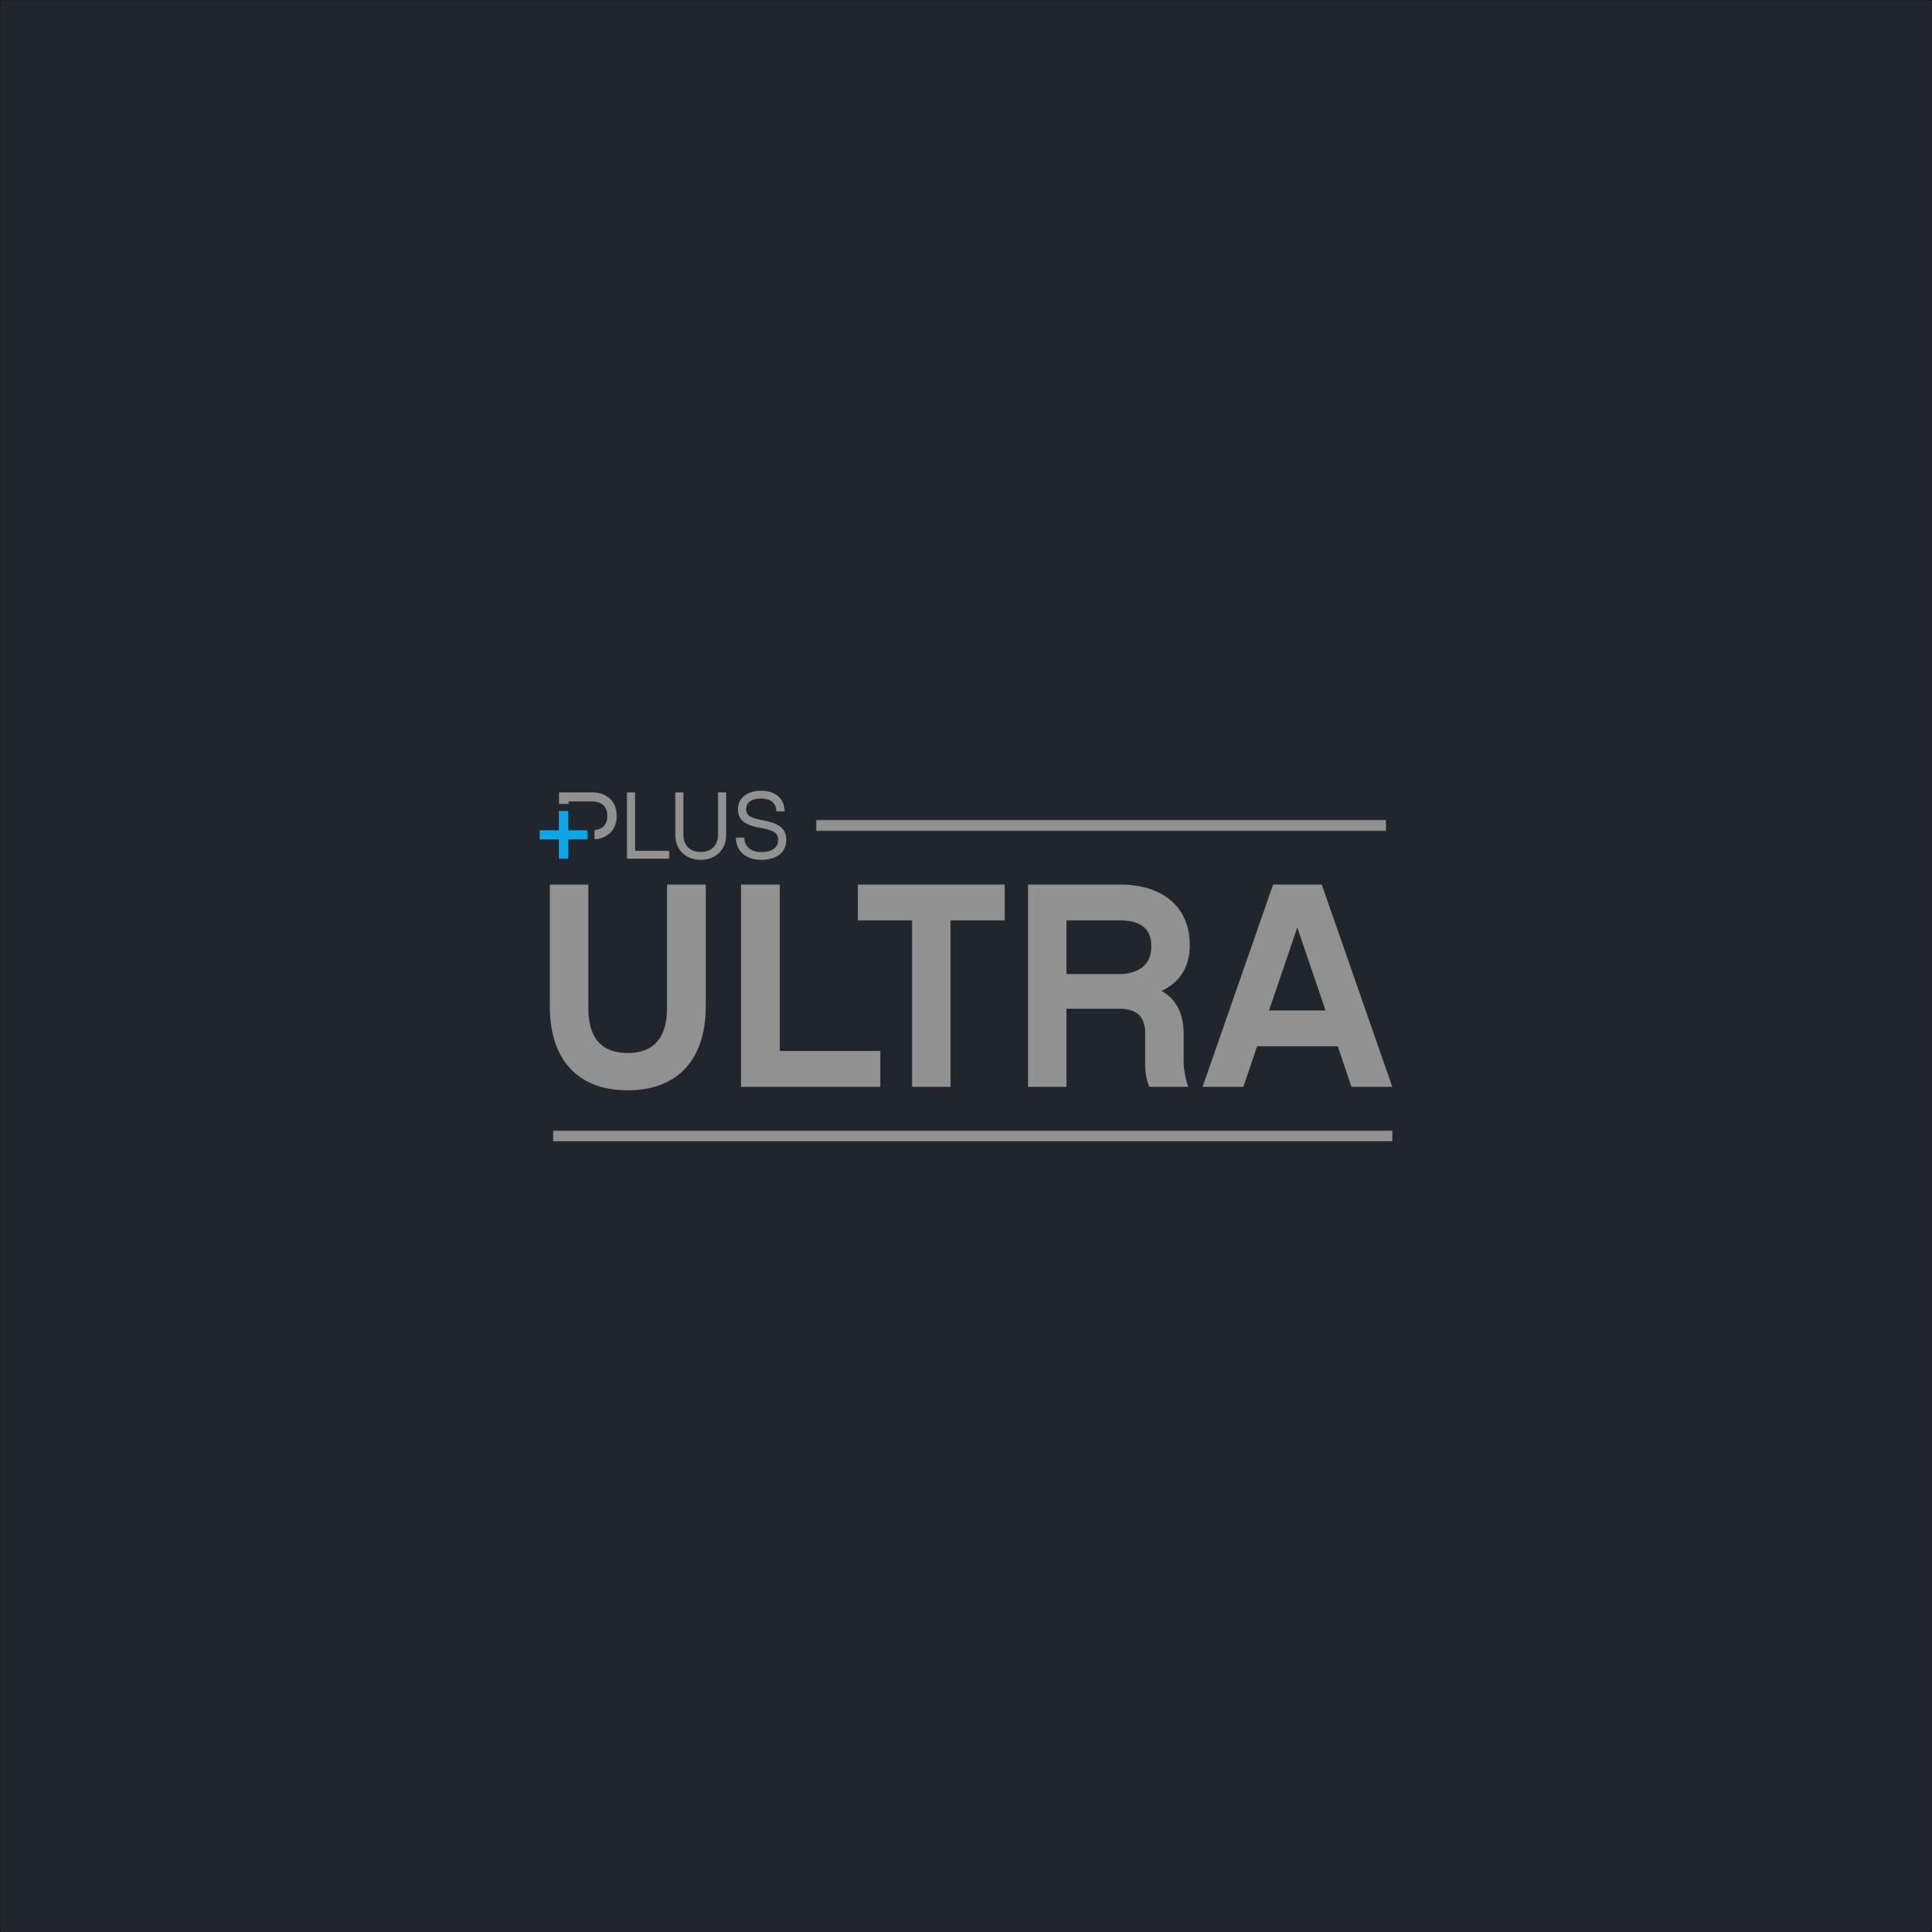 Logo-Design für ein technisches Dienstleitungsunternehmen